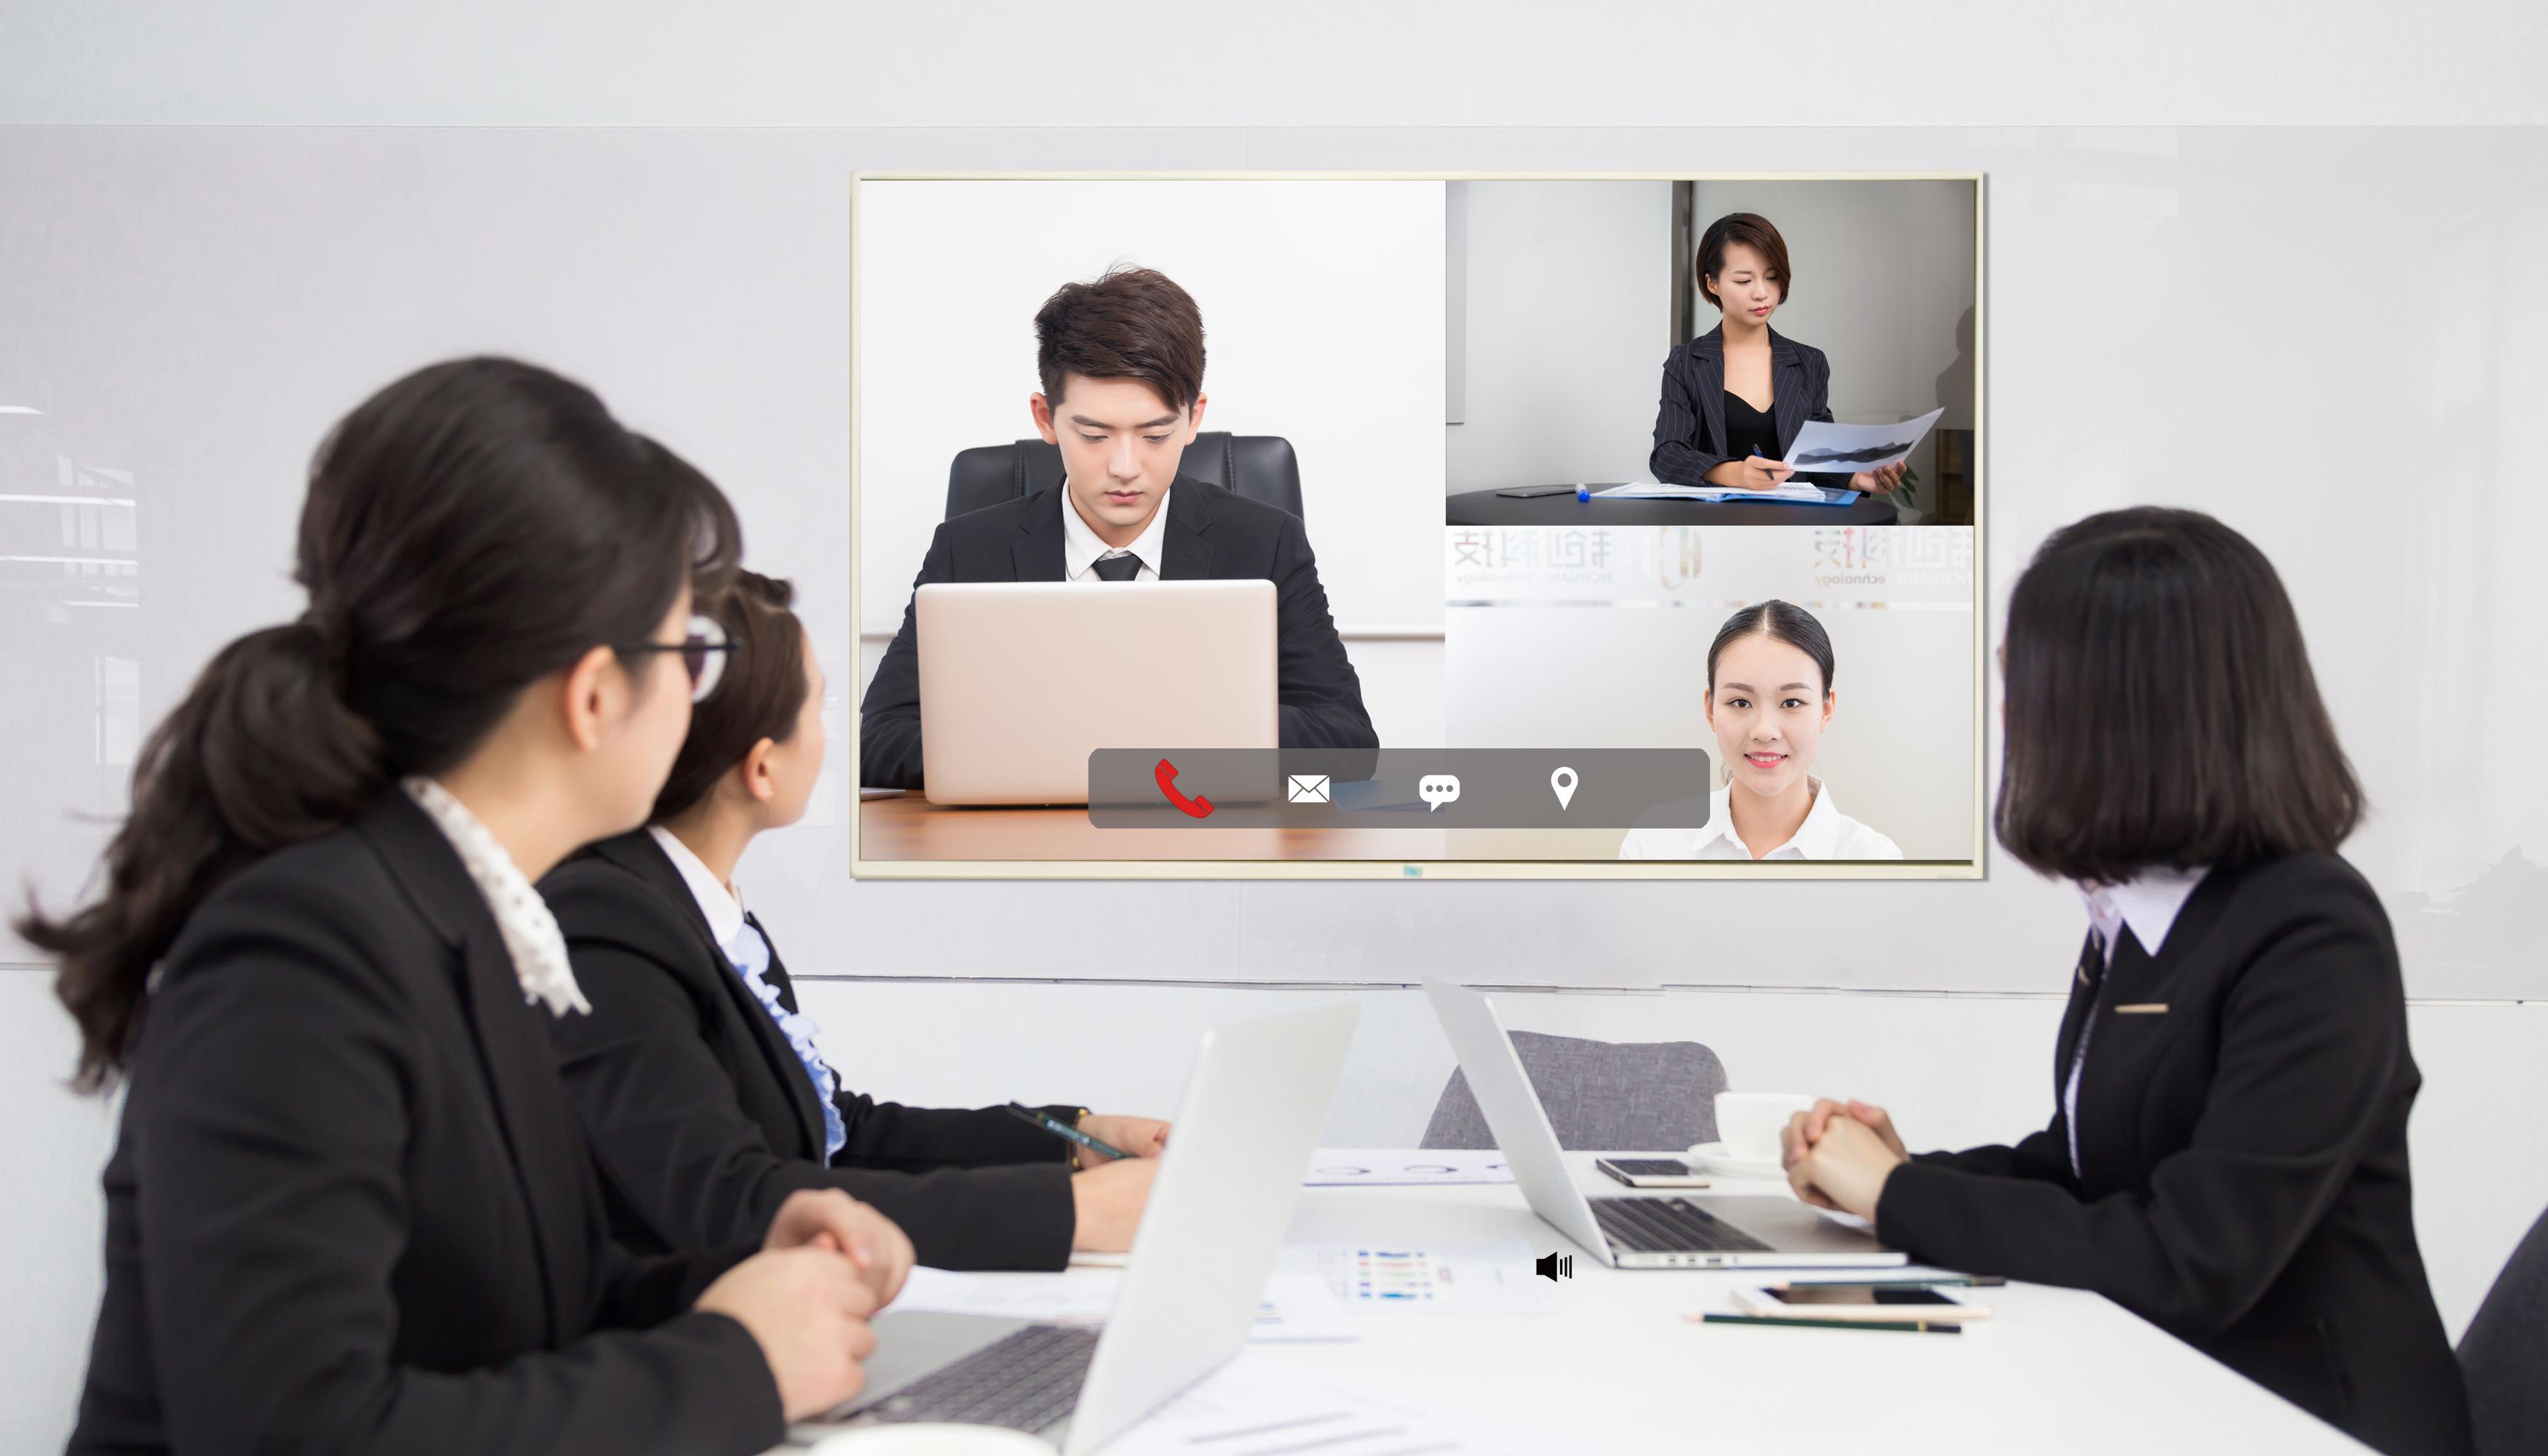 什么是高清视频会议-高清视频会议标准